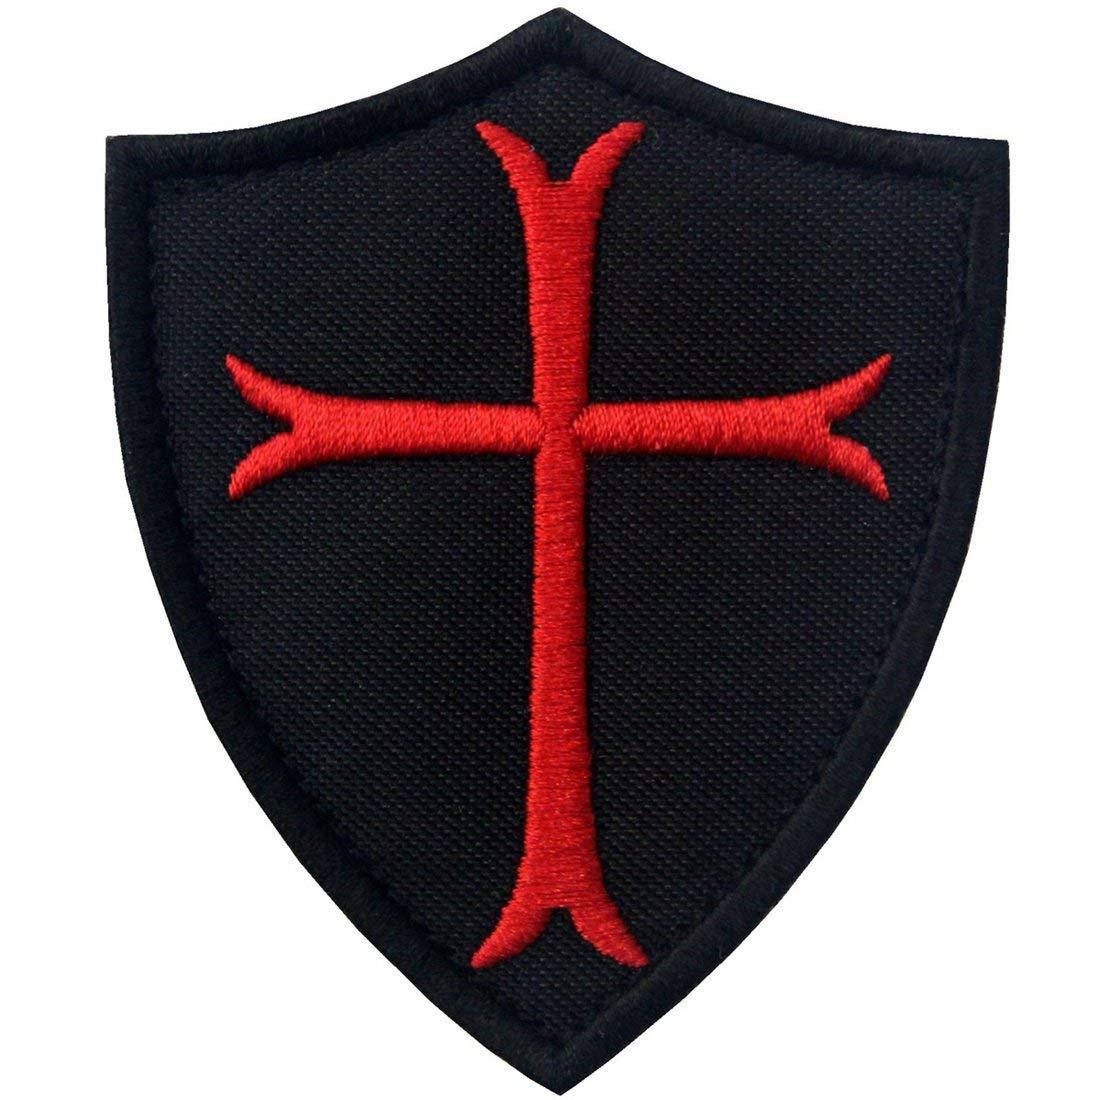 Caballeros Templarios Escudo cruzado Militar